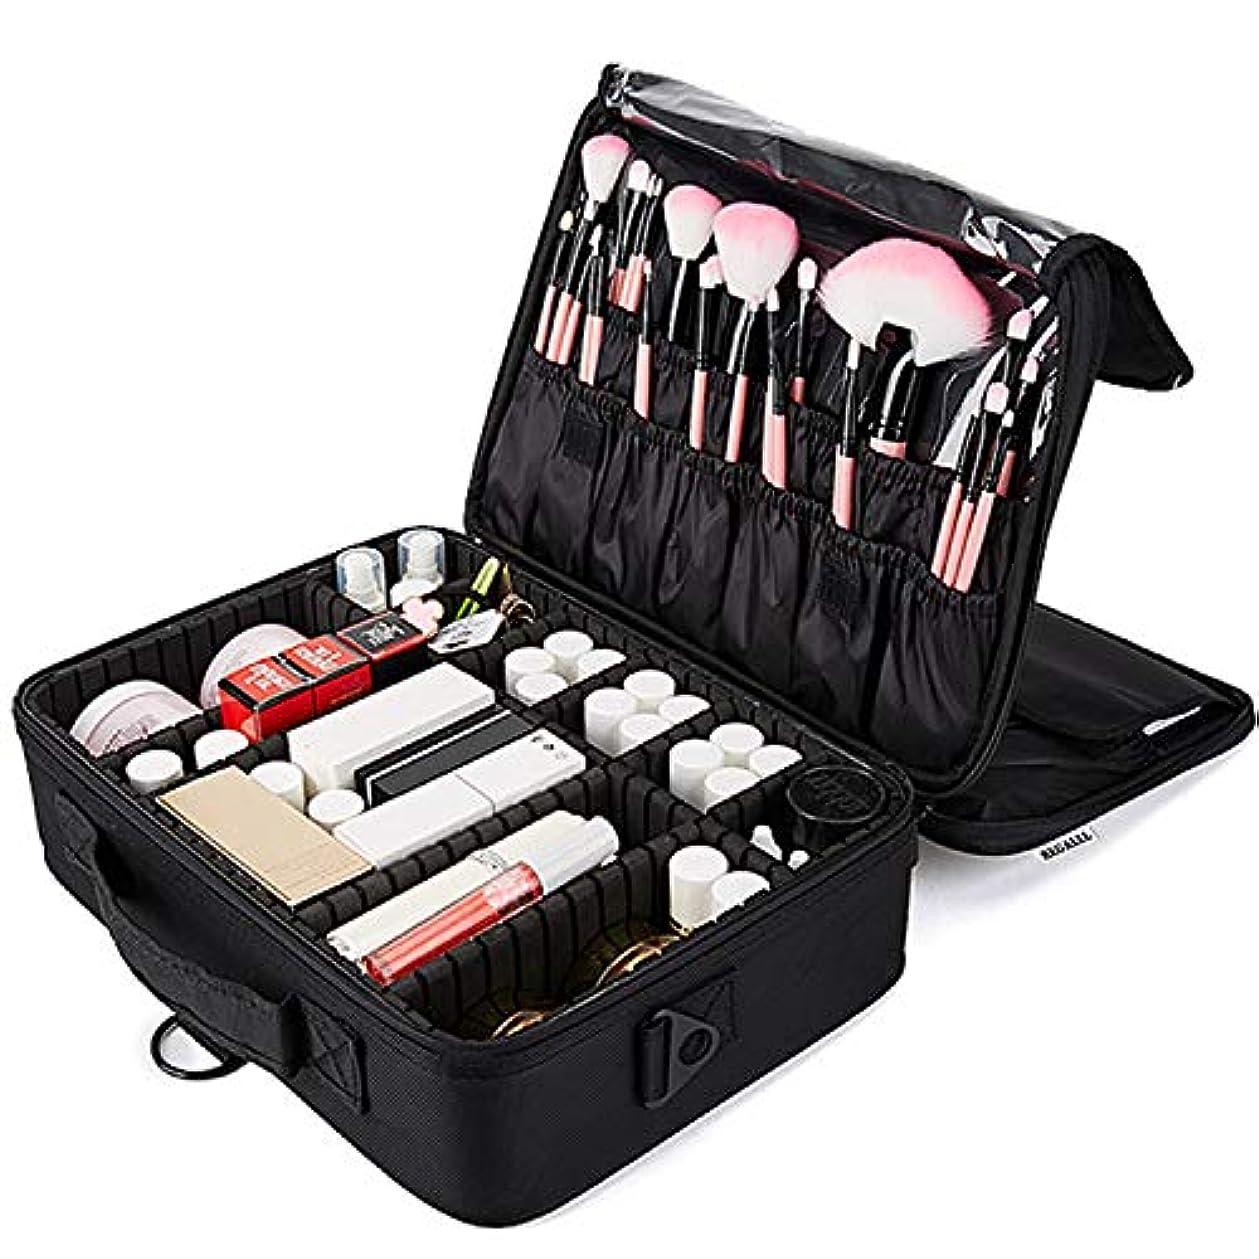 抜本的な先祖持ってるREGALLL メイクボックス 大容量 コスメボックス プロ用 持ち運び便利 高品質3層化粧箱 收納抜群コスメ収納 多機能 旅行用 ブラック